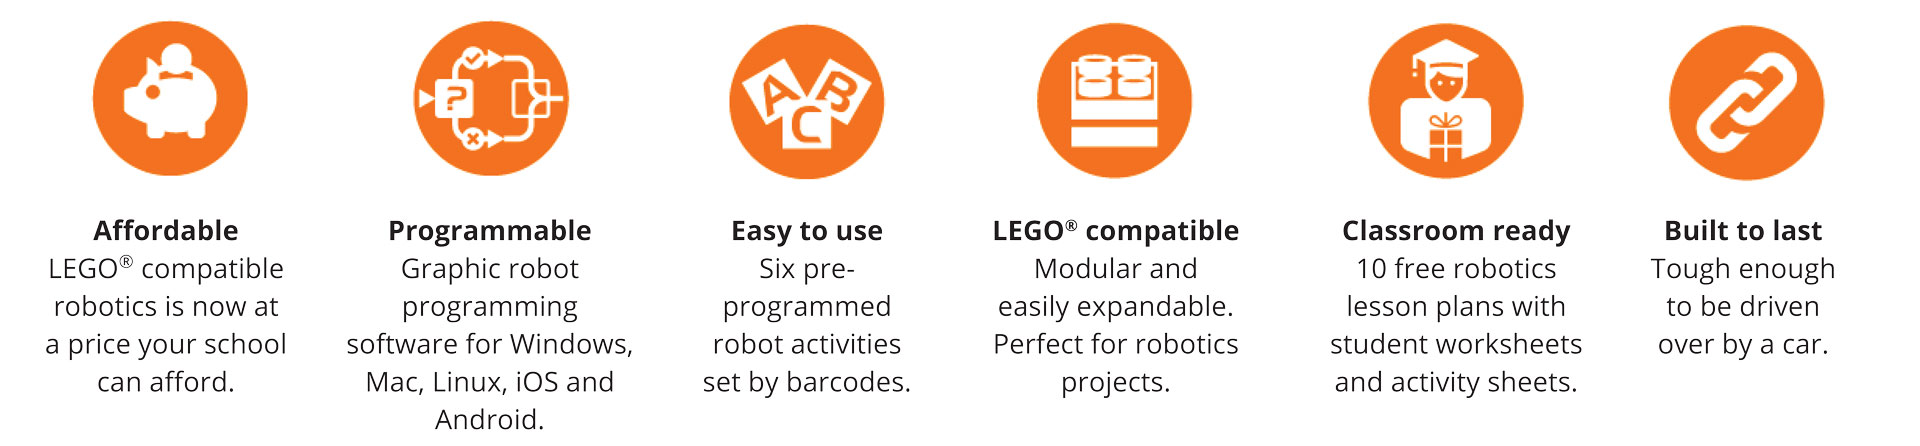 Edison Educational Robot lego compatible - Kookaburra